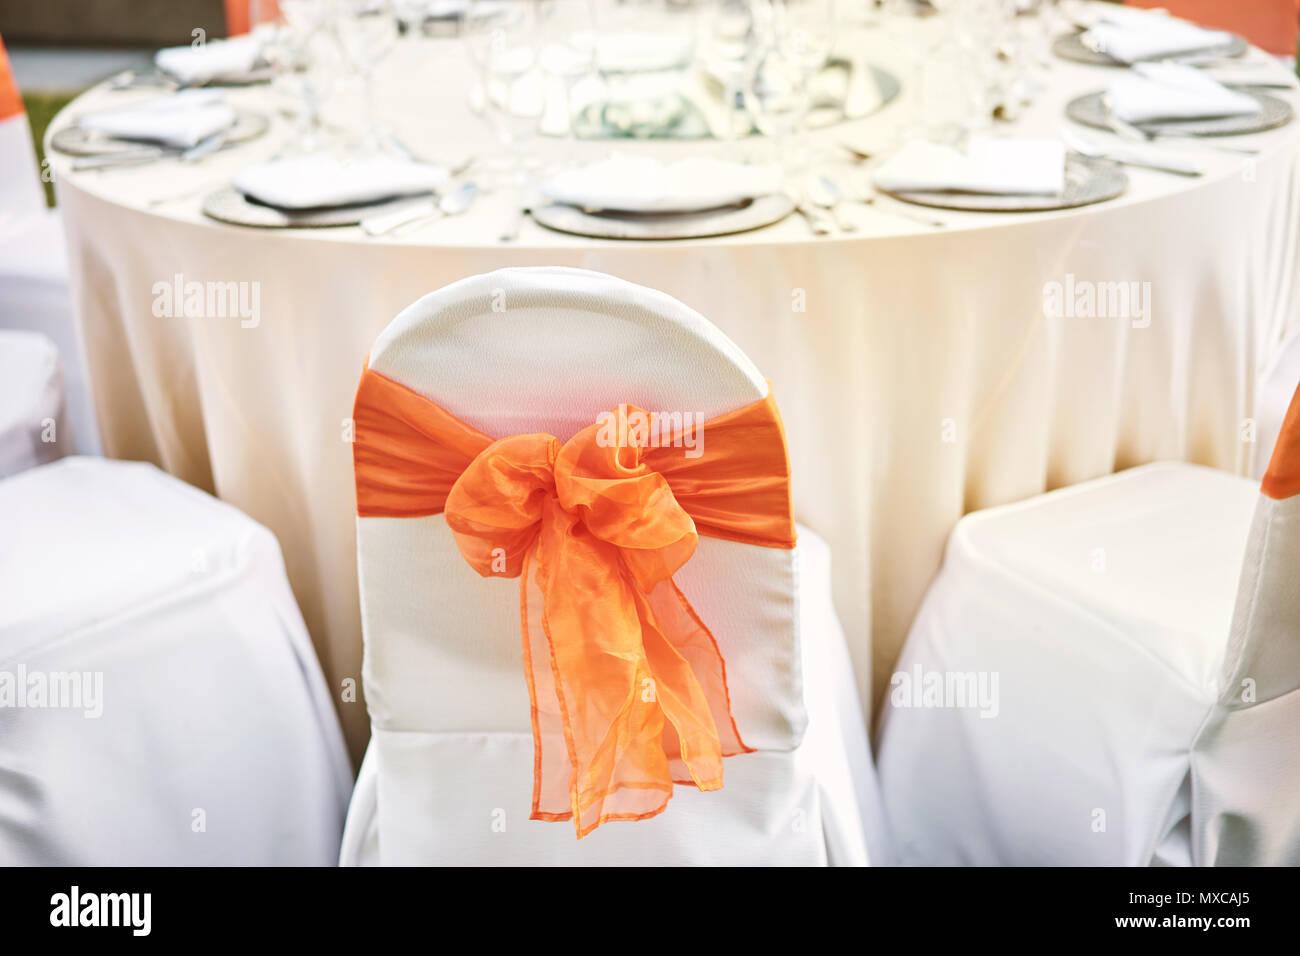 Die Hochzeitsfeier Essen Mit Elasthan Weissen Stuhlen Mit Orange